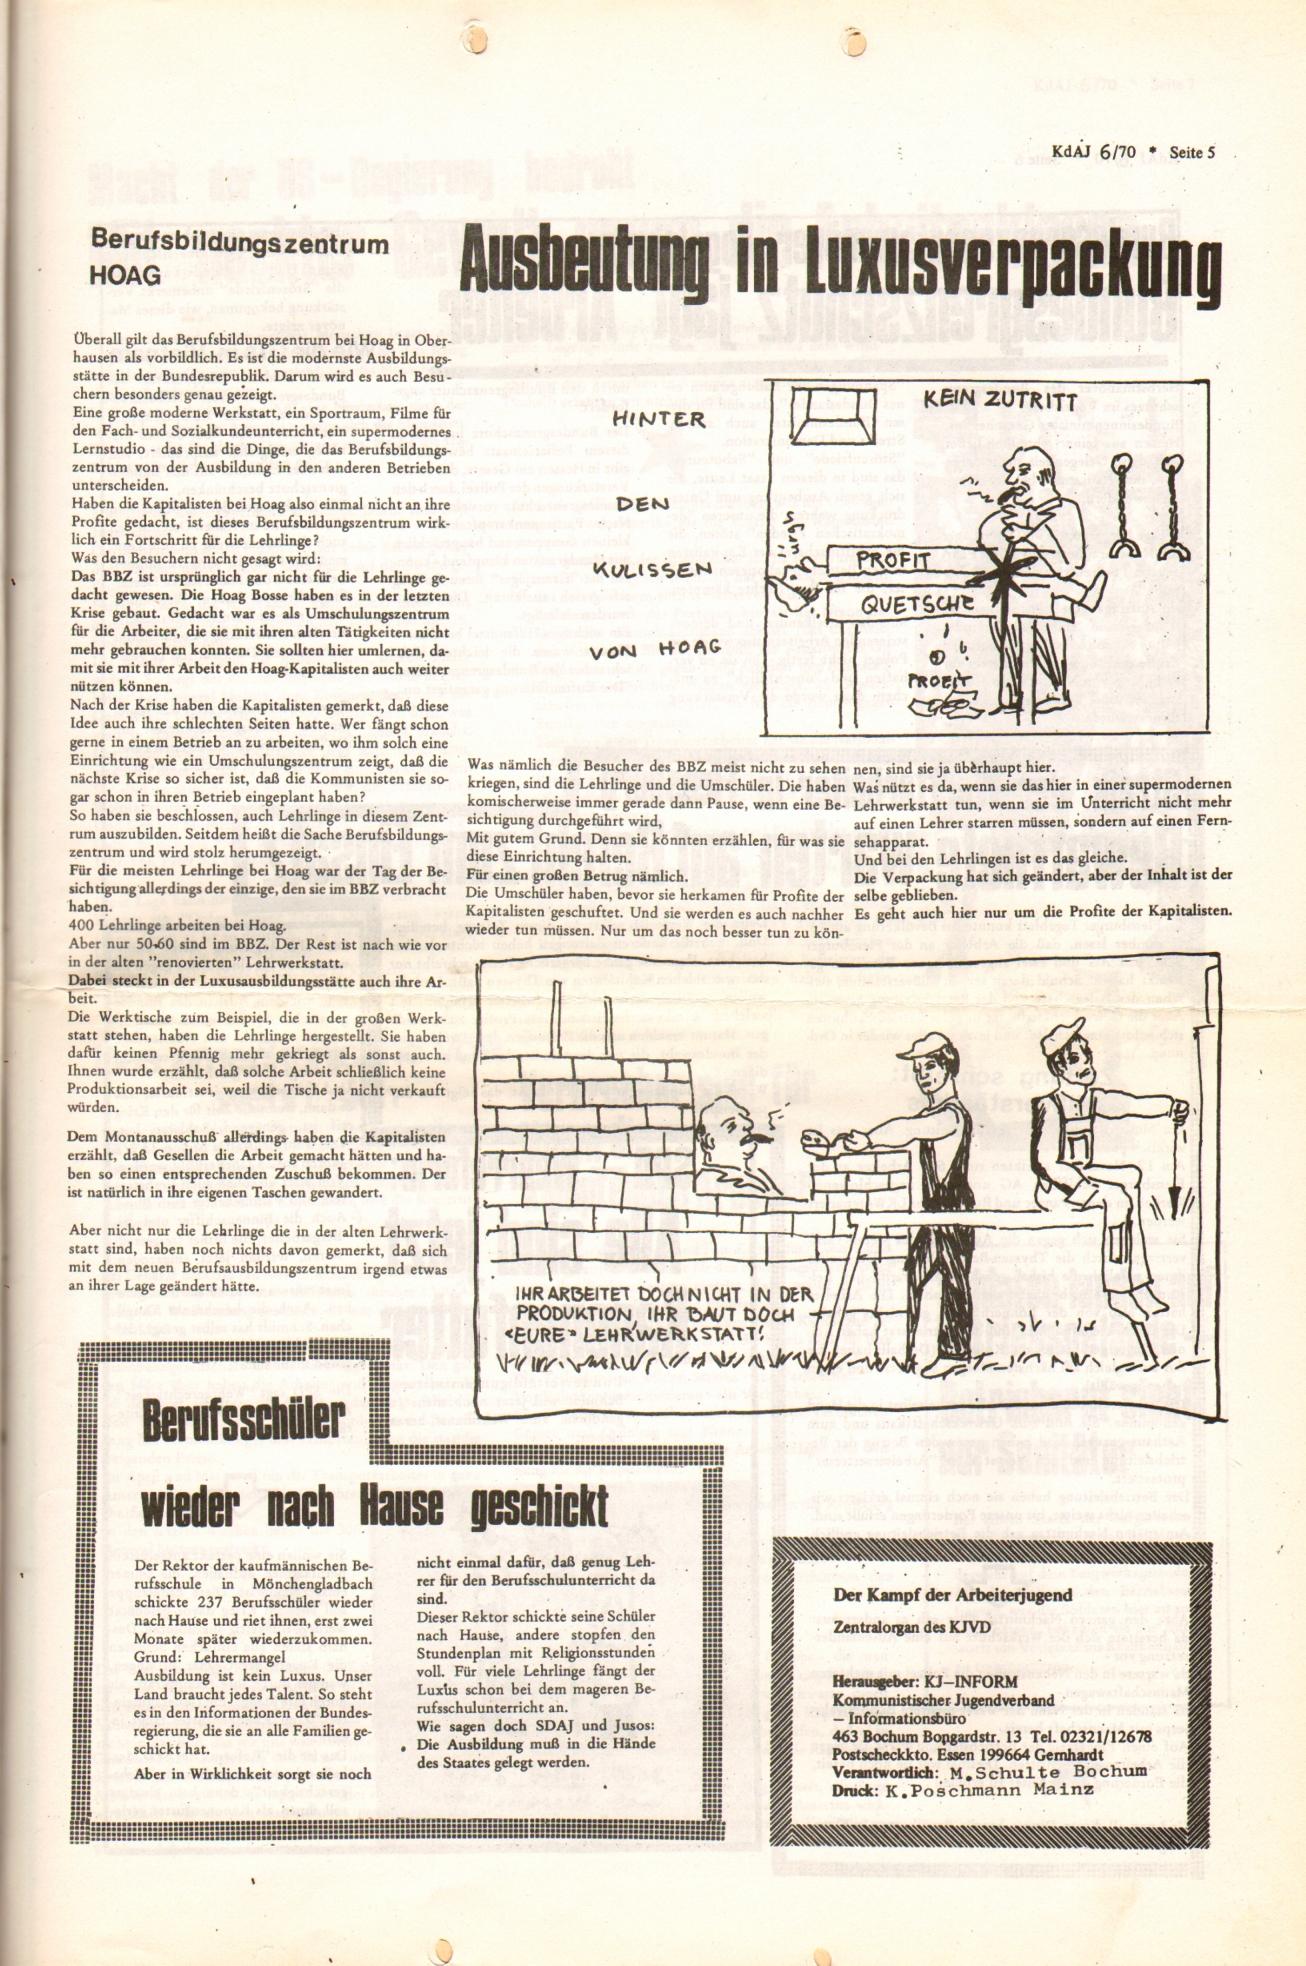 KDAJ, 1. Jg., Dezember 1970, Nr. 6, Seite 5